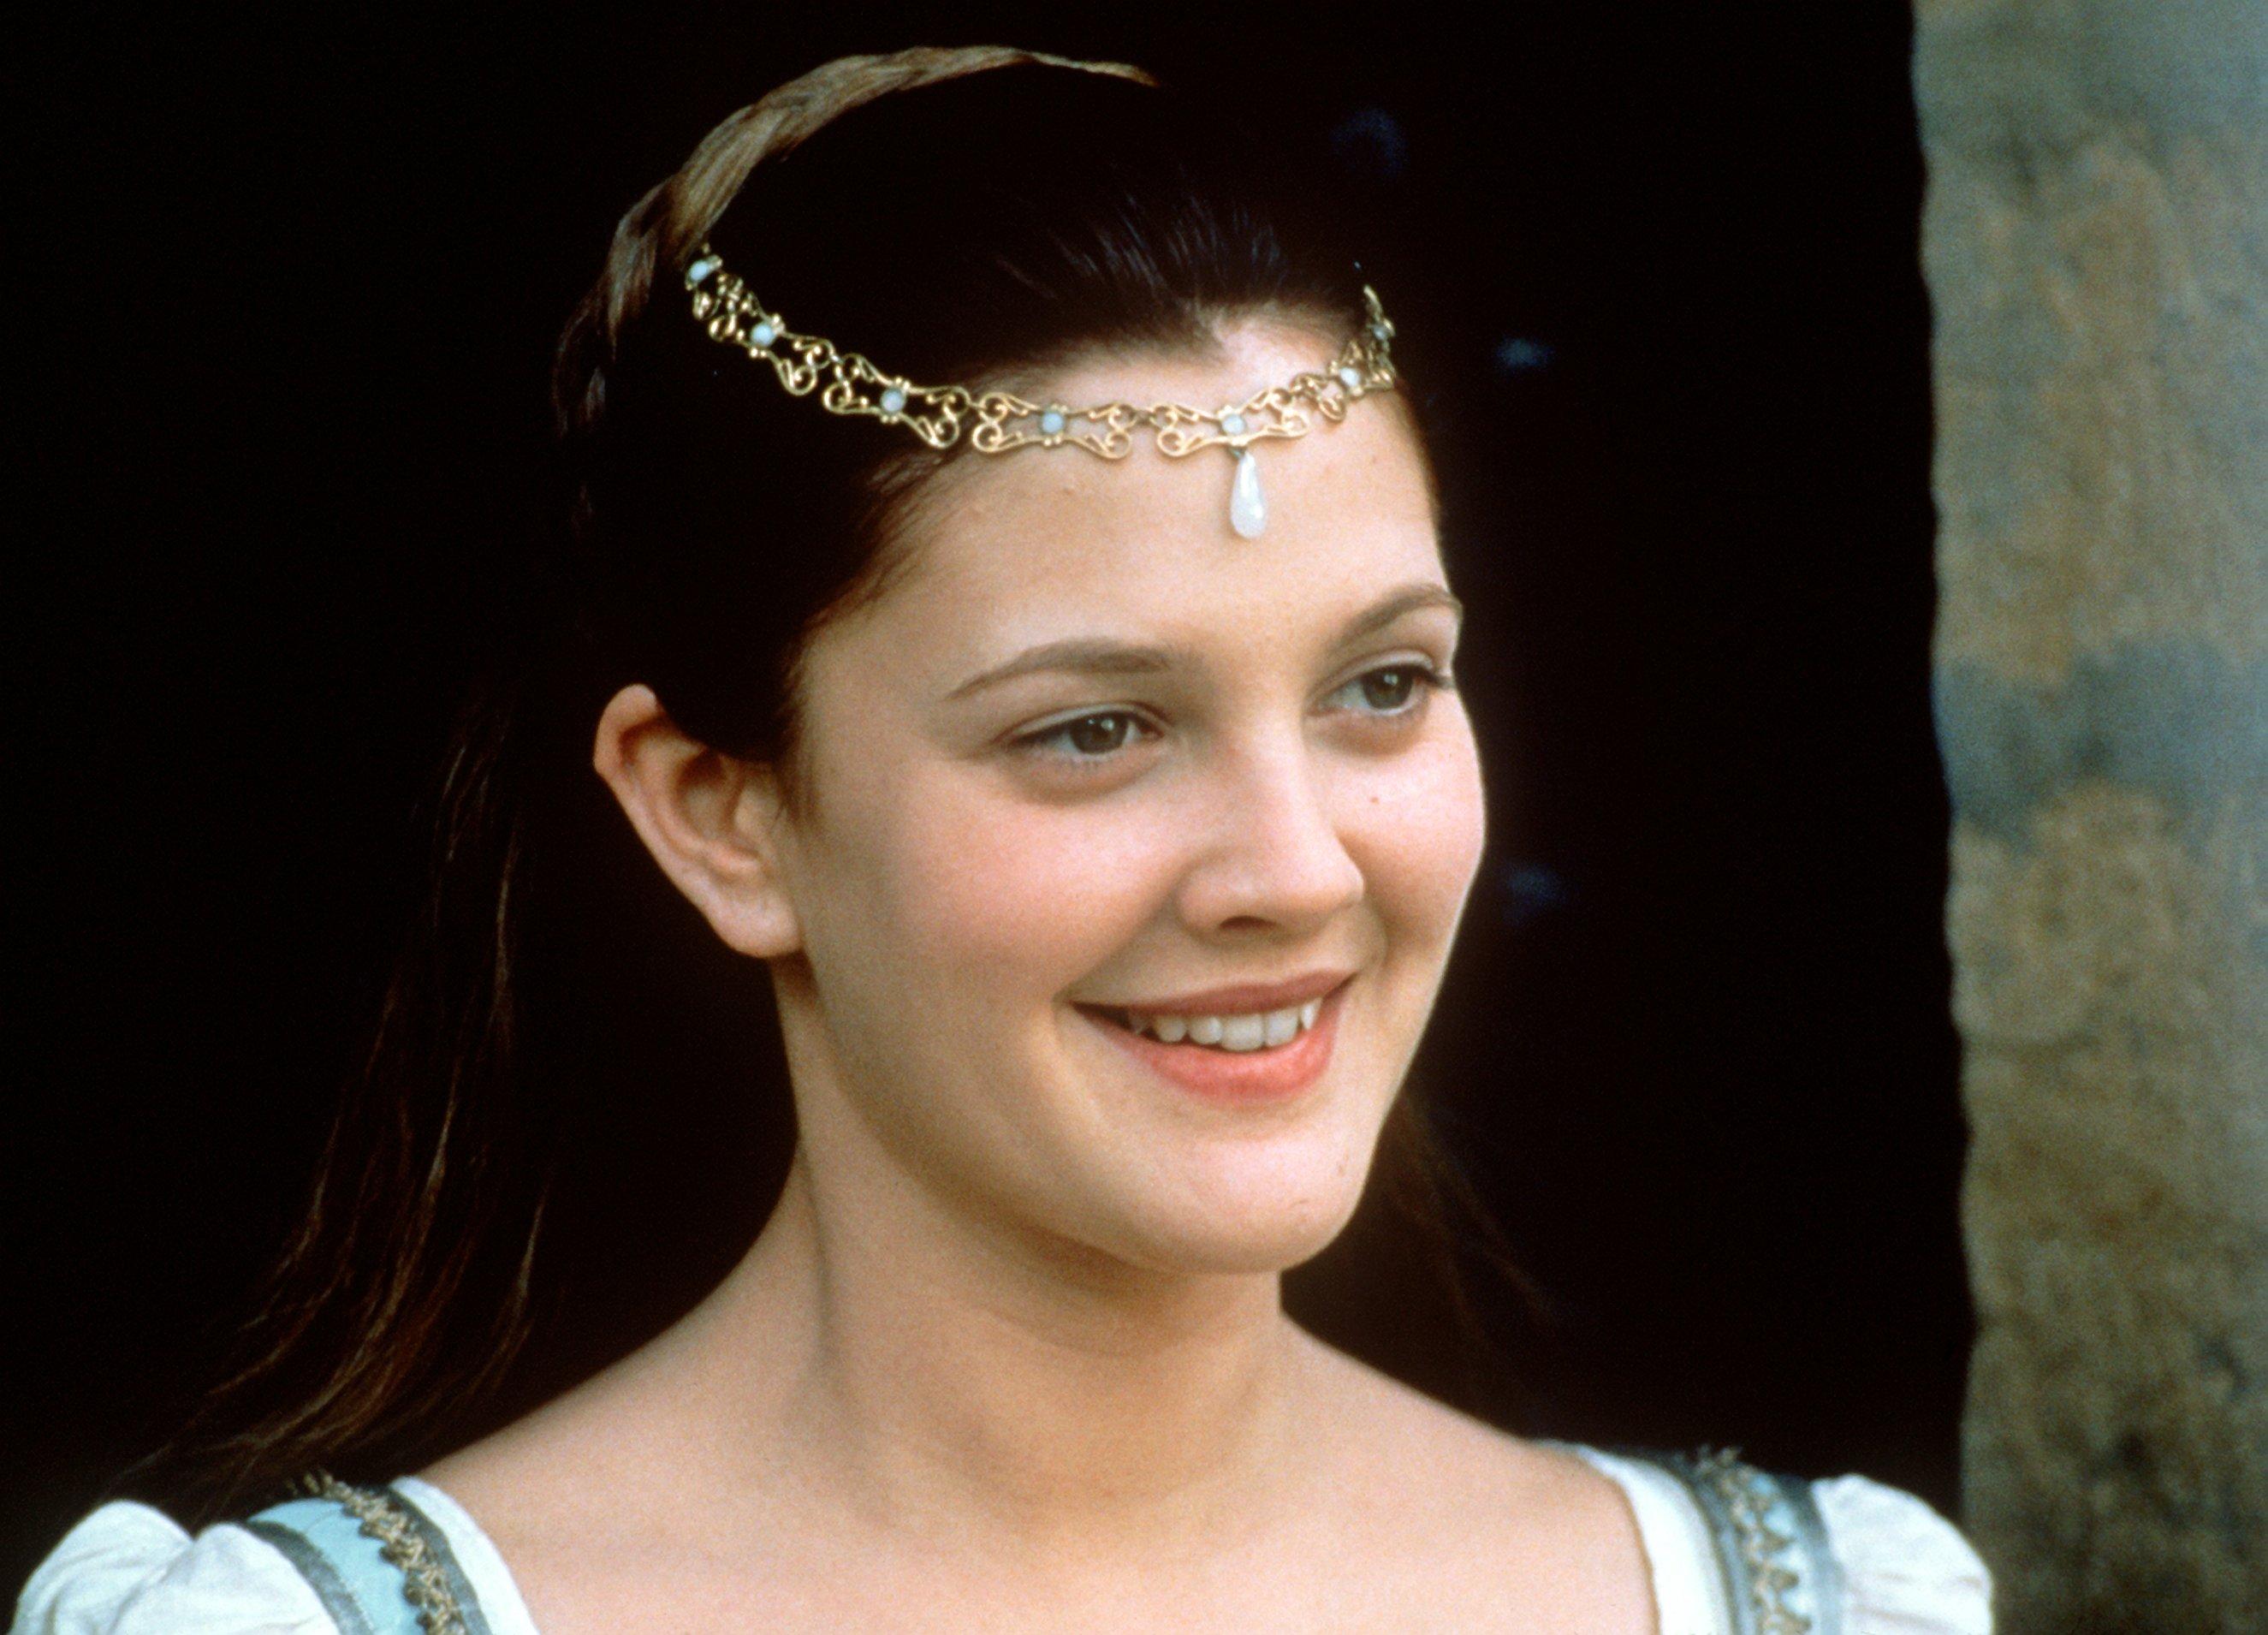 Szene aus dem Film 'Auf immer und ewig' mit Drew Barrymore als 'Danielle'. Der Film verwandelt die Mär vom braven Aschenputt